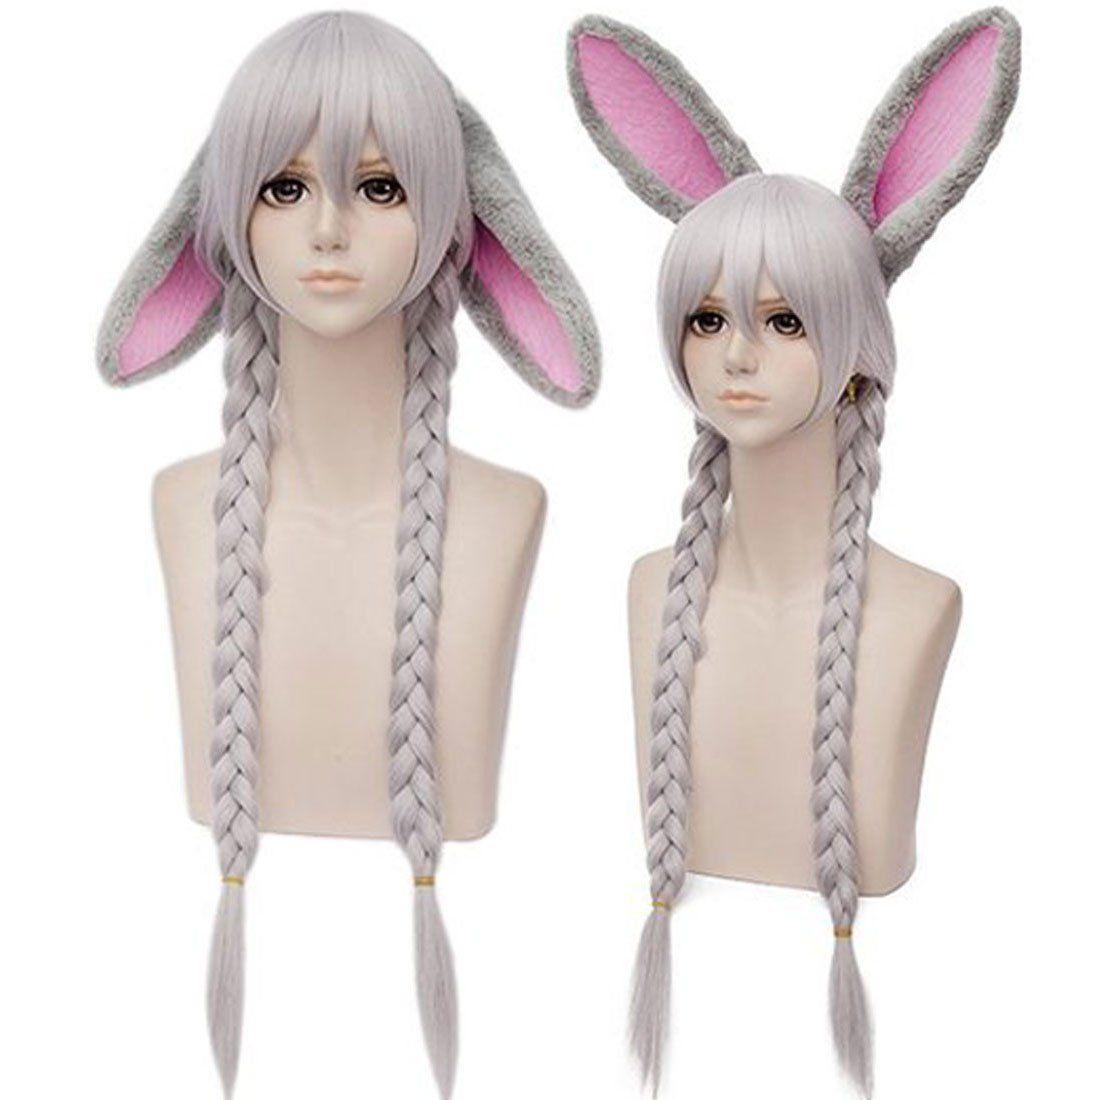 Anogol wigrabbit ears grey bands hair fancy dress for